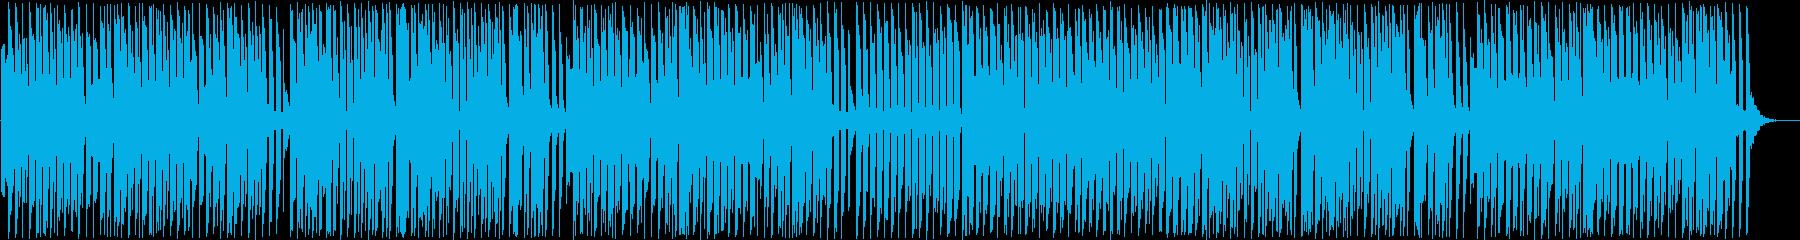 愉快な和風ポップソングの再生済みの波形